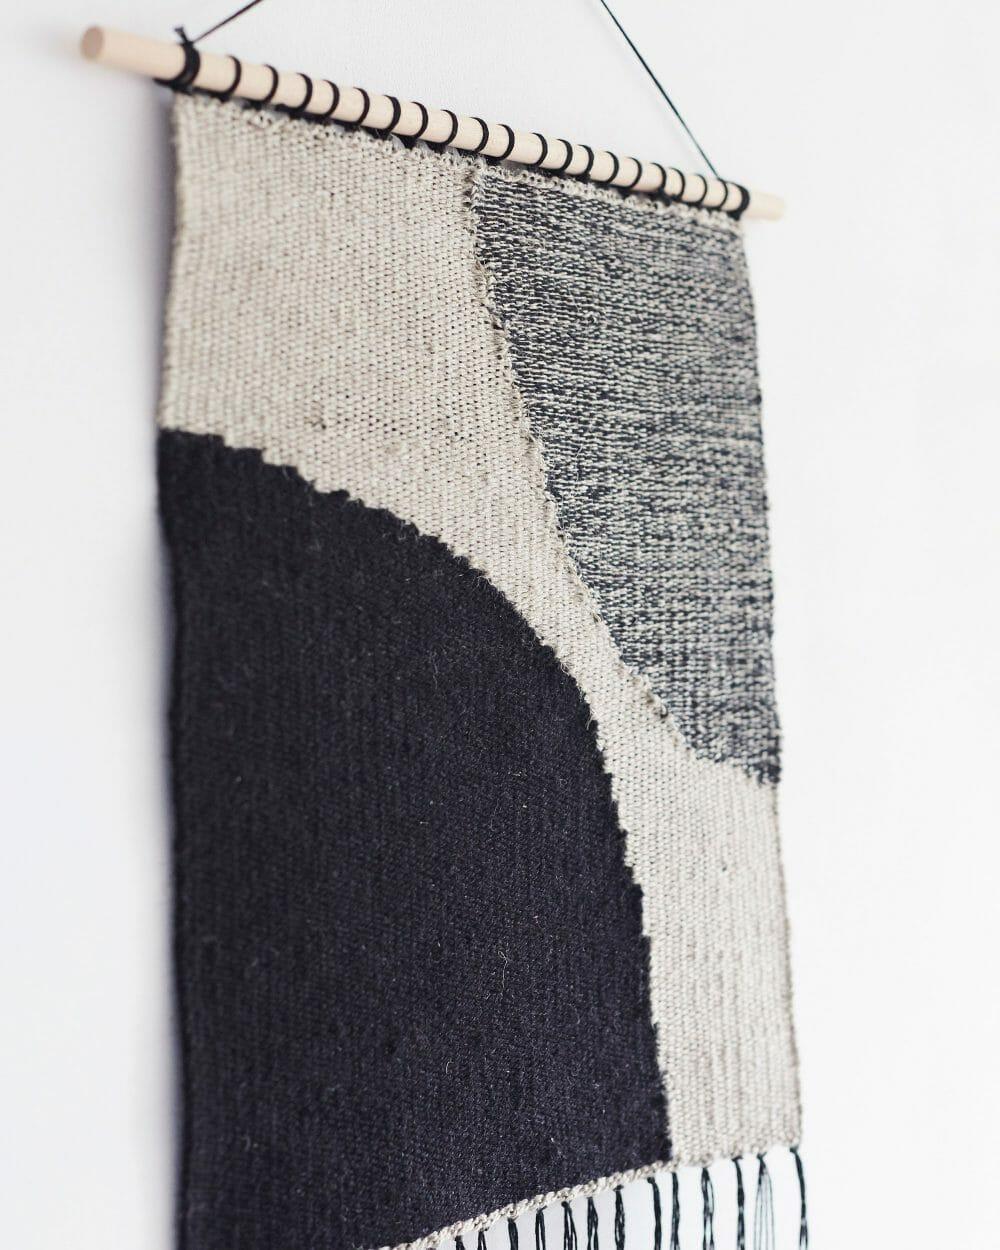 joki-weaving-design-art-textiles-wall-hanging